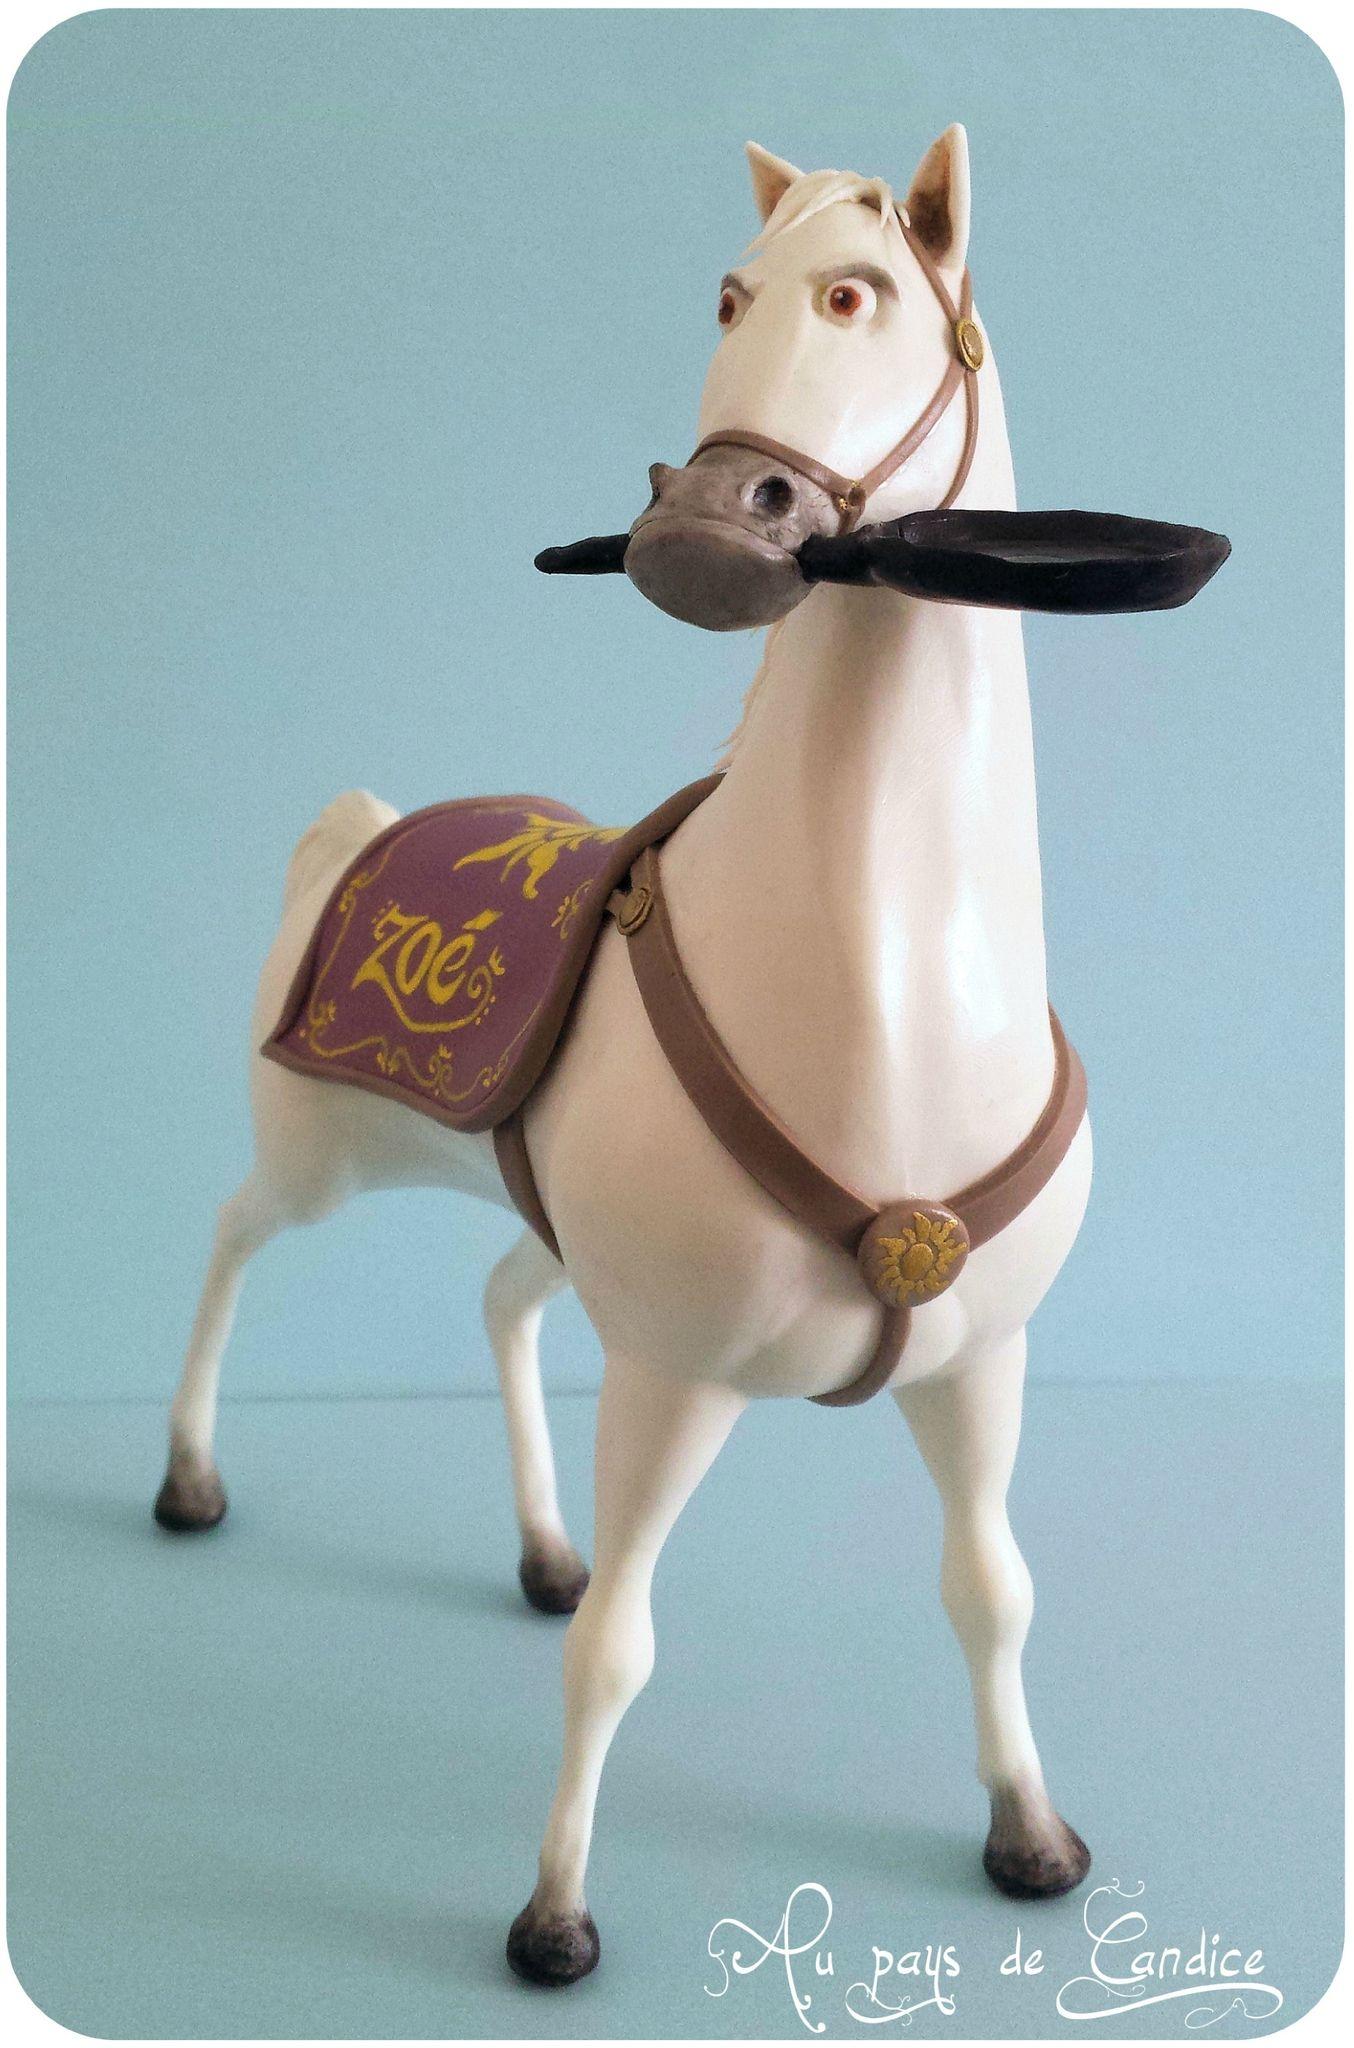 Maximus modelage au pays de candice mes modelages - Maximus cheval raiponce ...